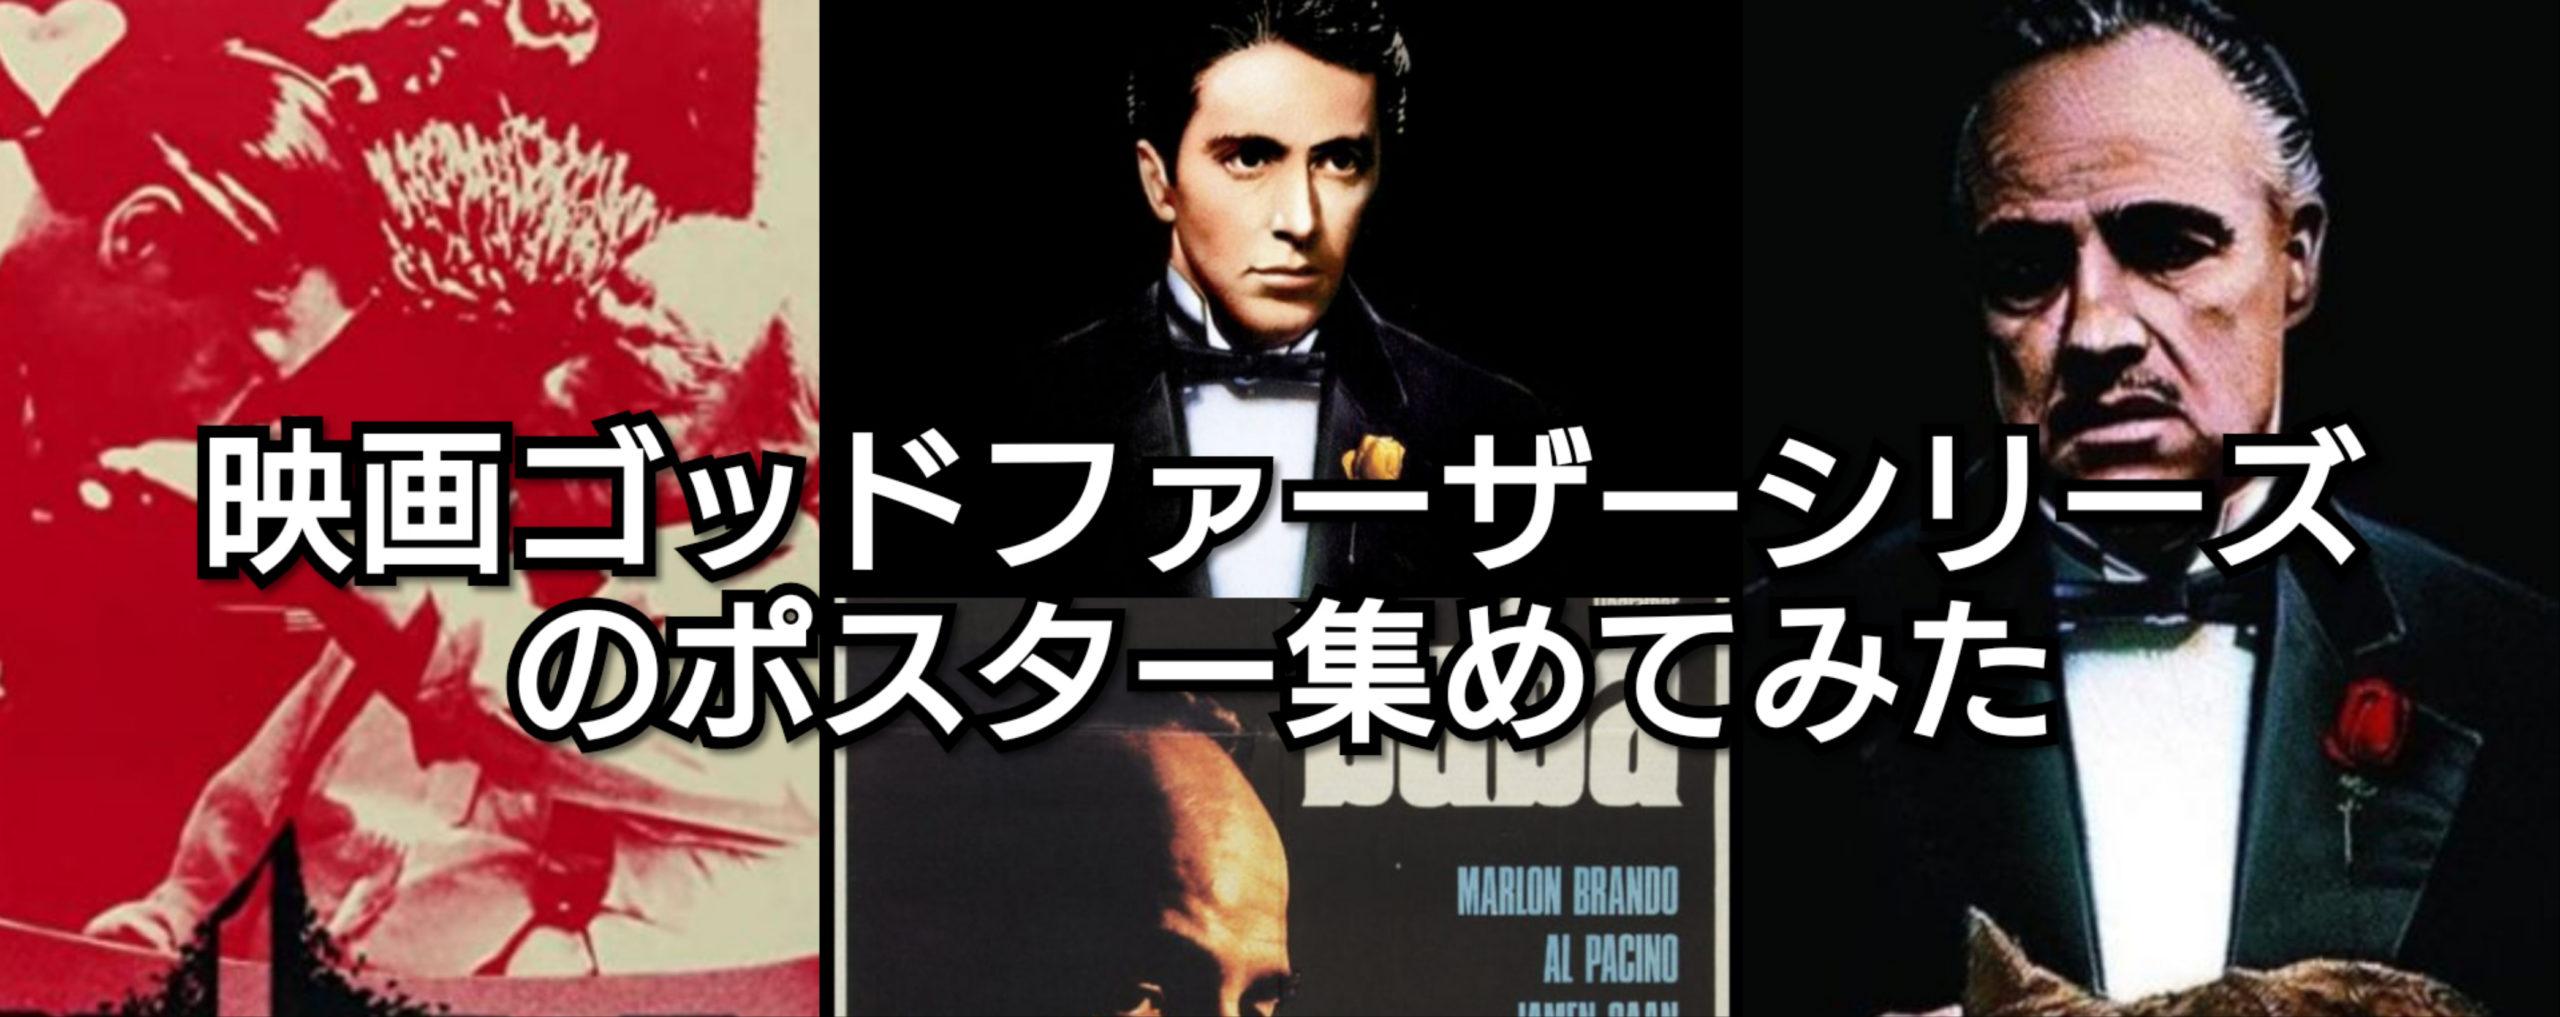 映画ゴッドファーザーシリーズののポスター集めてみた